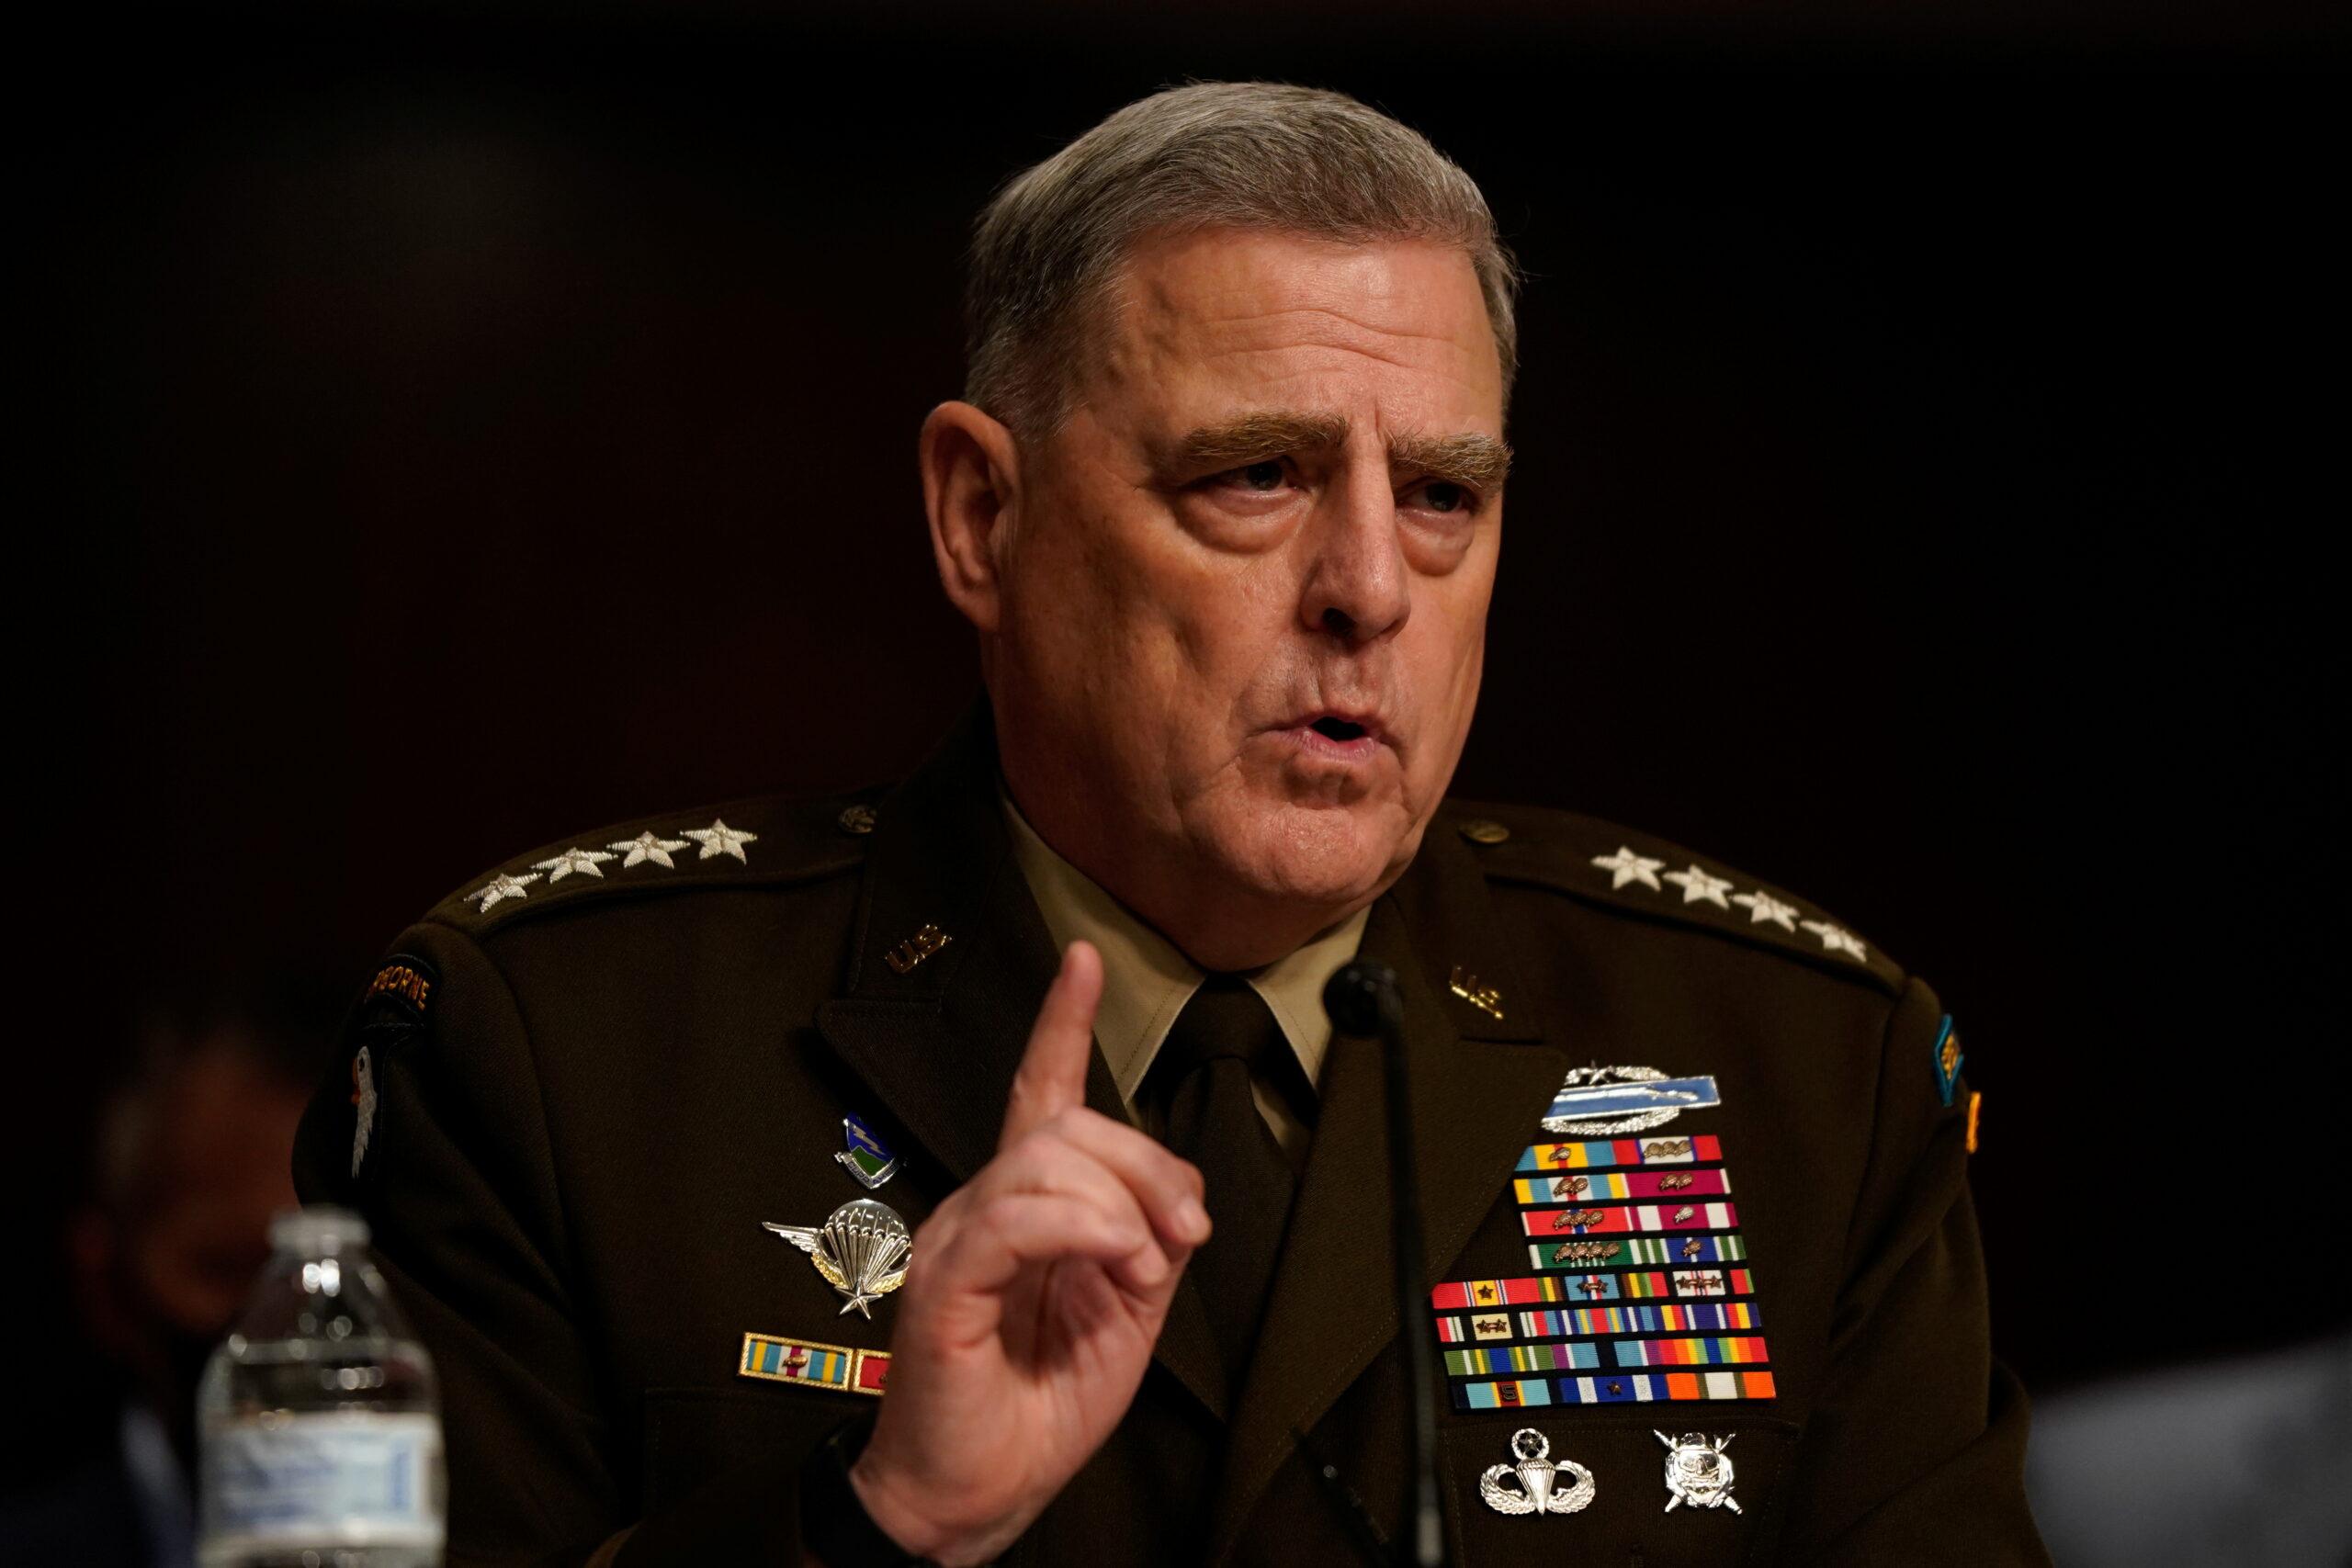 """นายพลสหรัฐฯ แนะ """"ไบเดน"""" ให้เก็บทหาร 2,500 นาย ไว้ในอัฟกานิสถาน – ต่างประเทศ"""